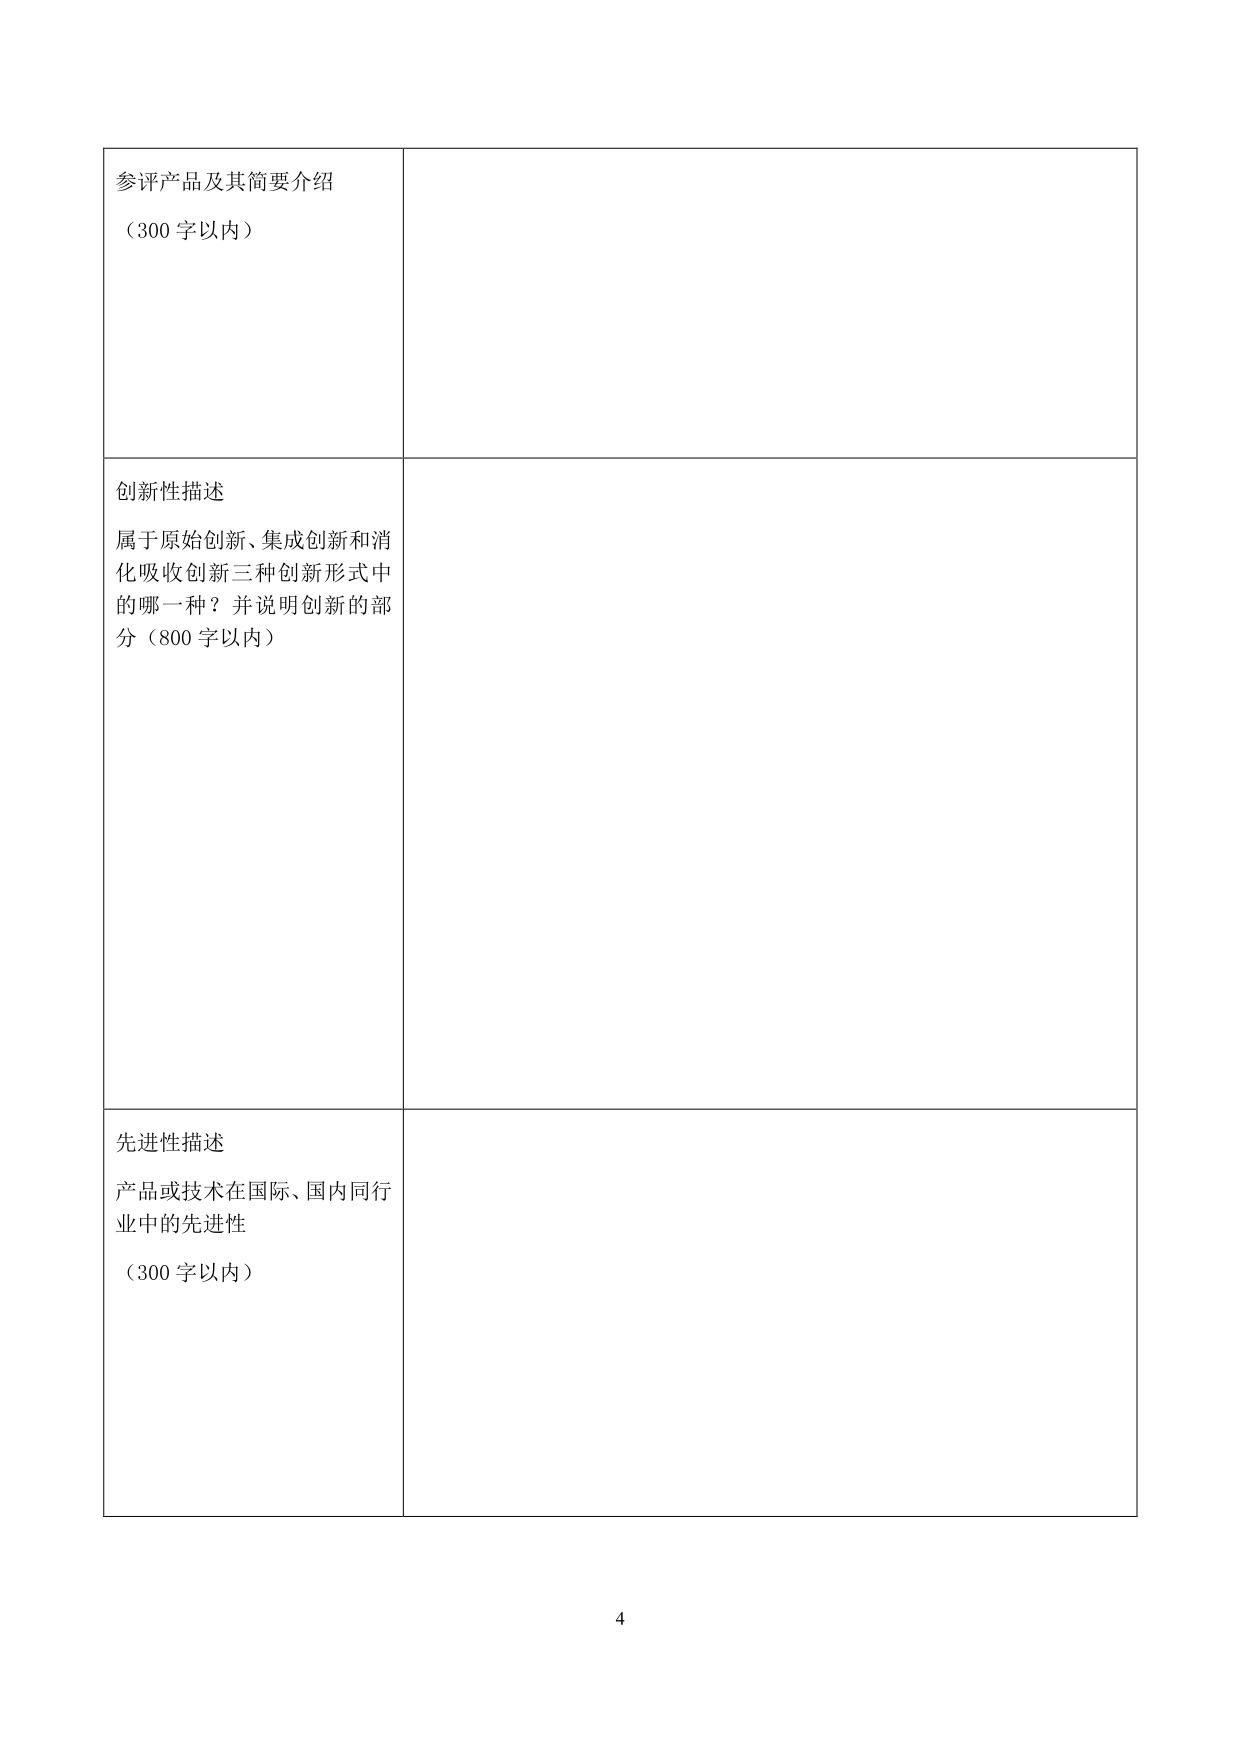 2018年度评选通知(红头红章)5.jpg